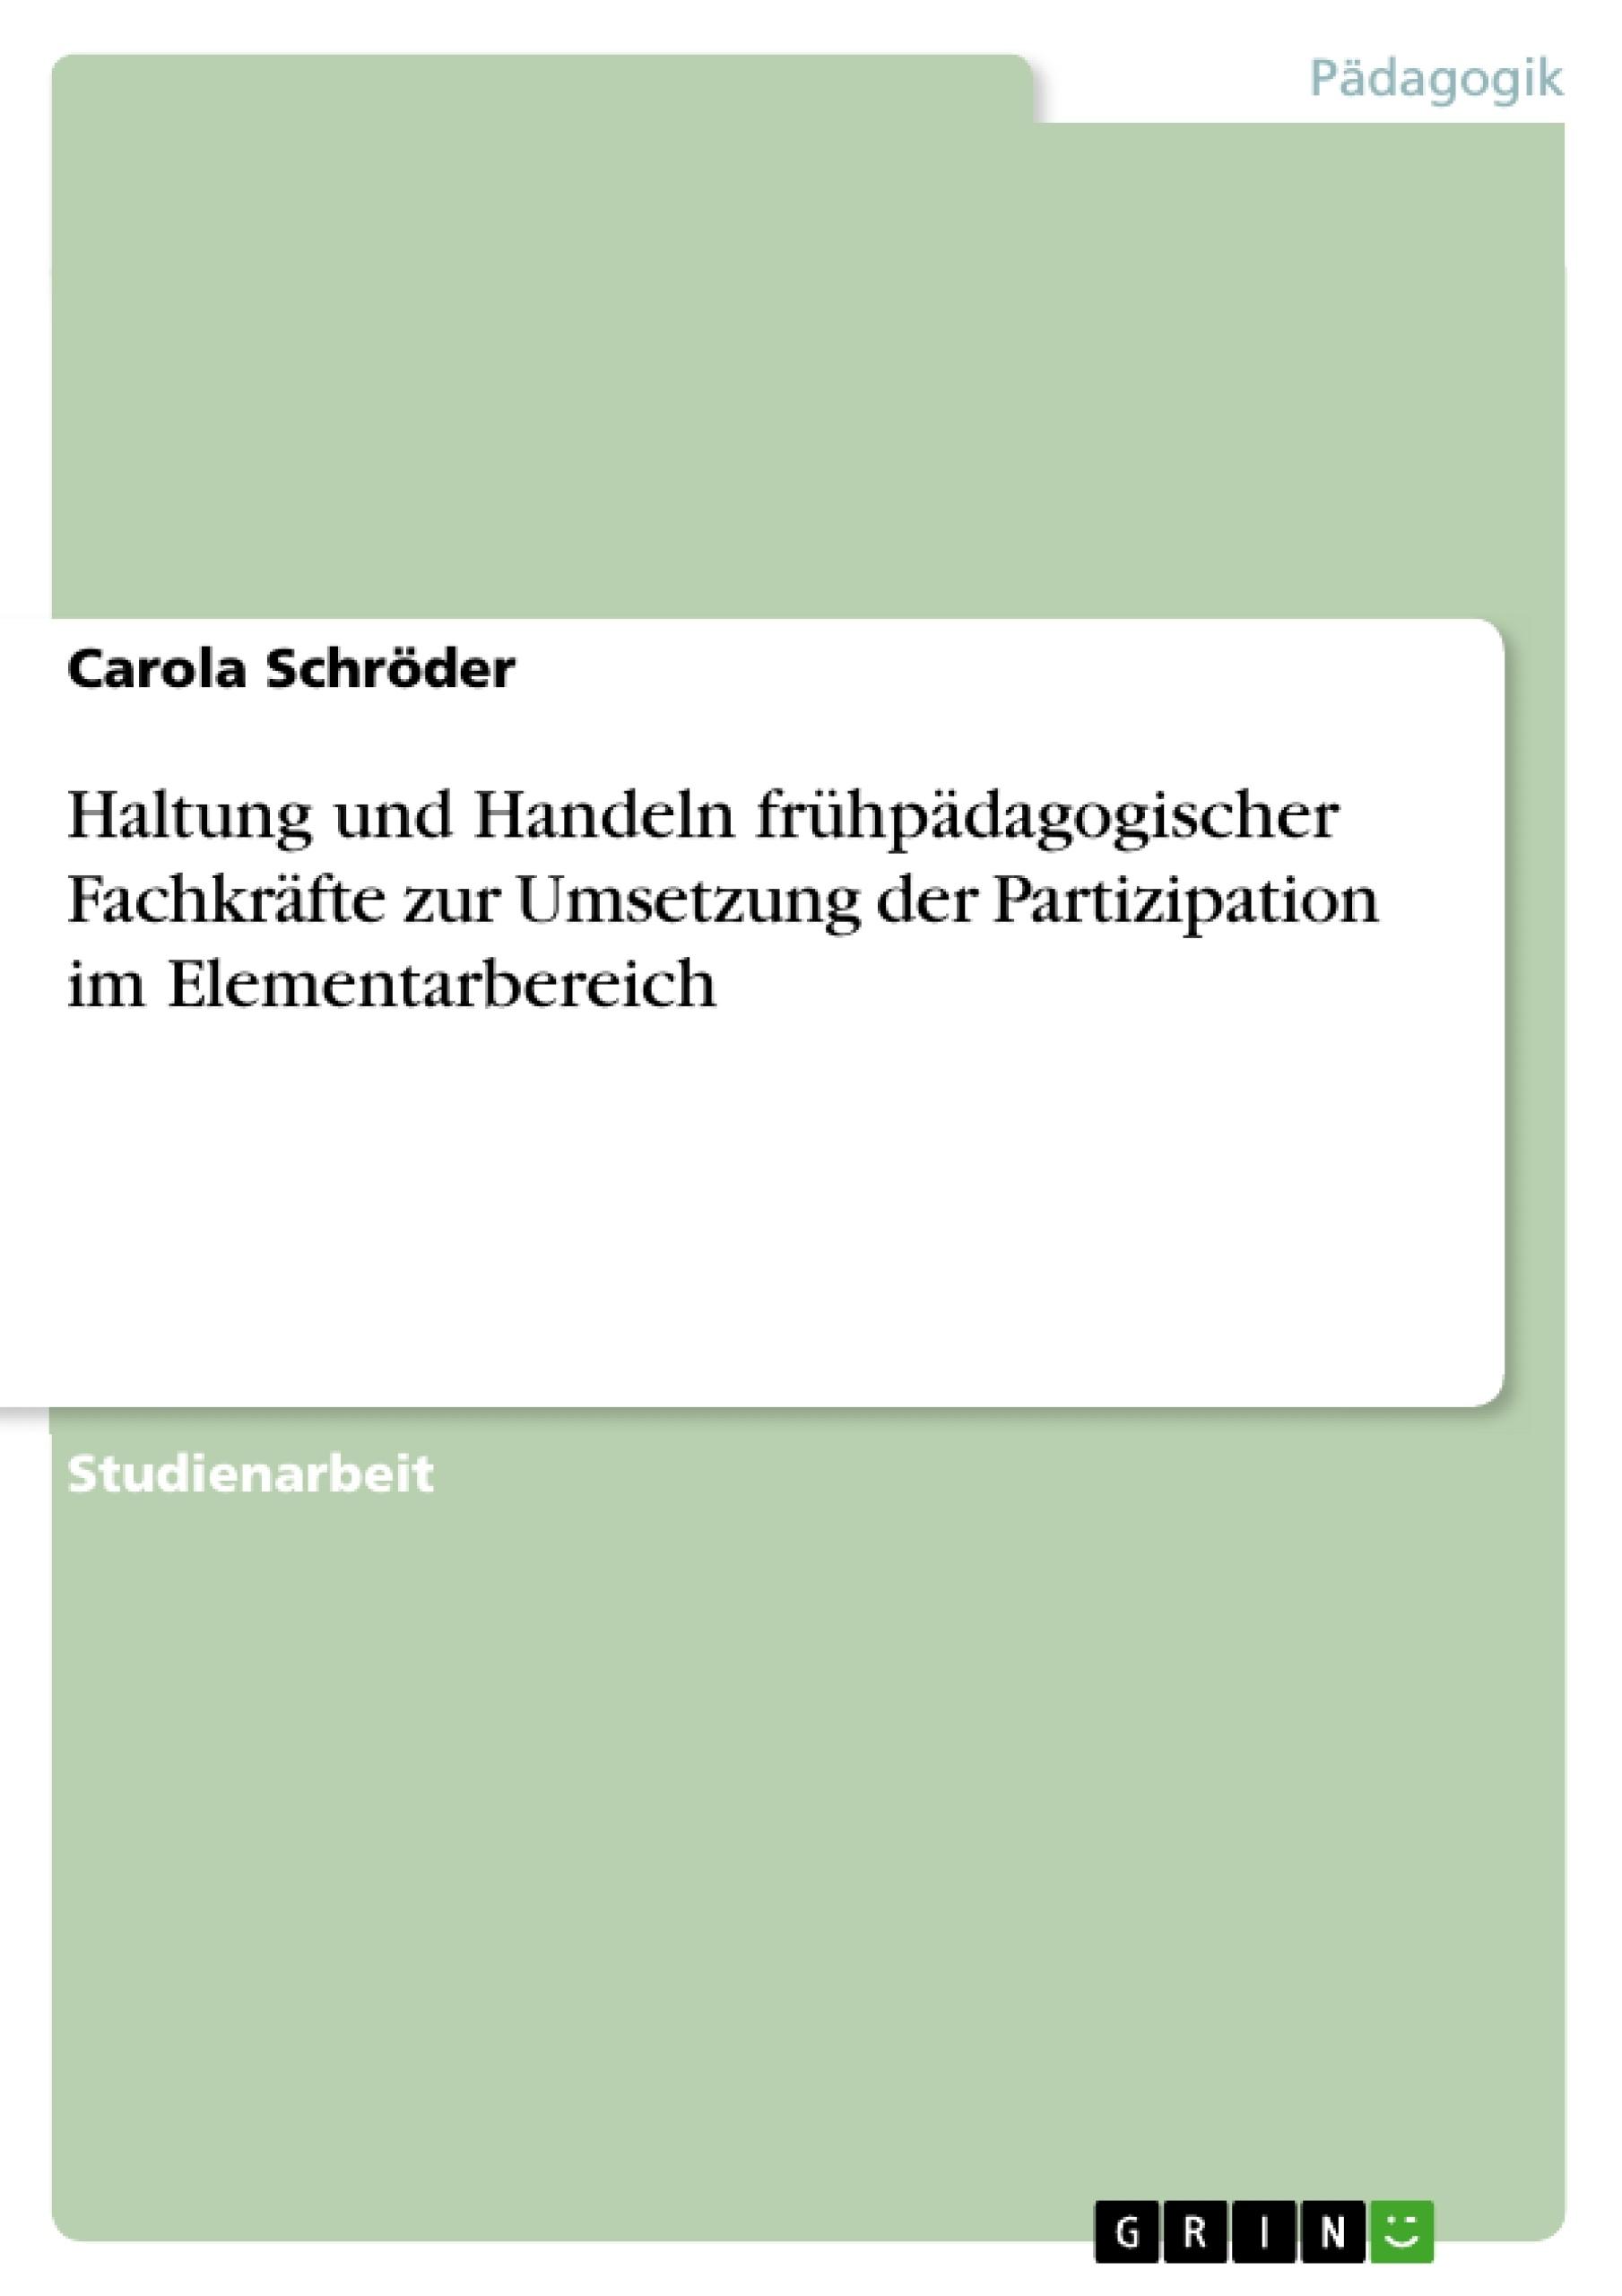 Titel: Haltung und Handeln frühpädagogischer Fachkräfte zur Umsetzung der Partizipation im Elementarbereich